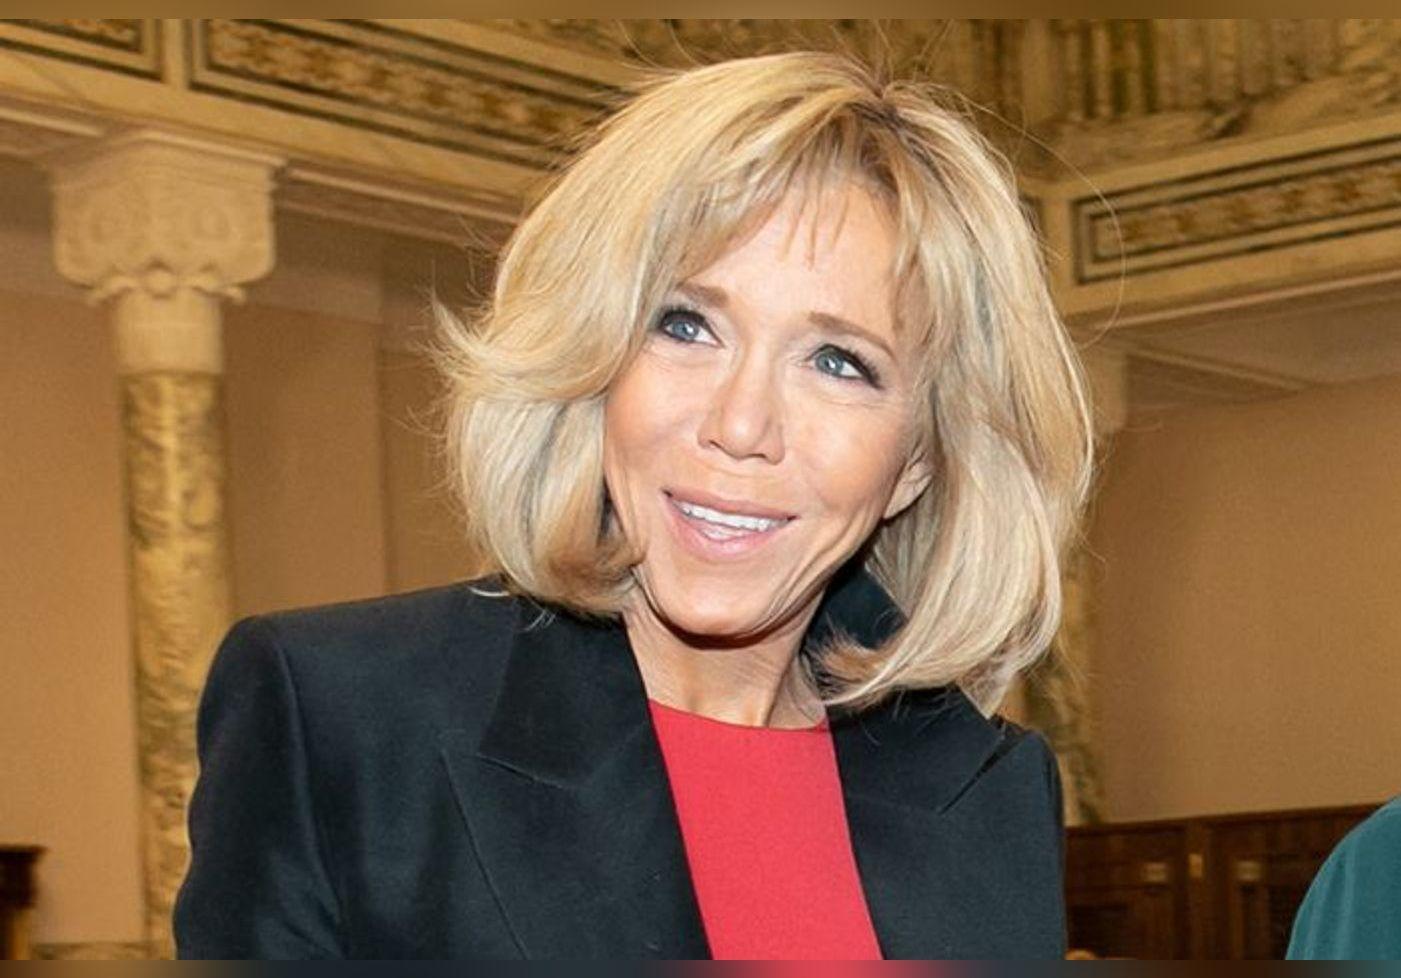 Brigitte Macron : ce bijou fétiche dont elle ne se sépare jamais est fabriqué en France par des artisans… On peut se l'offrir